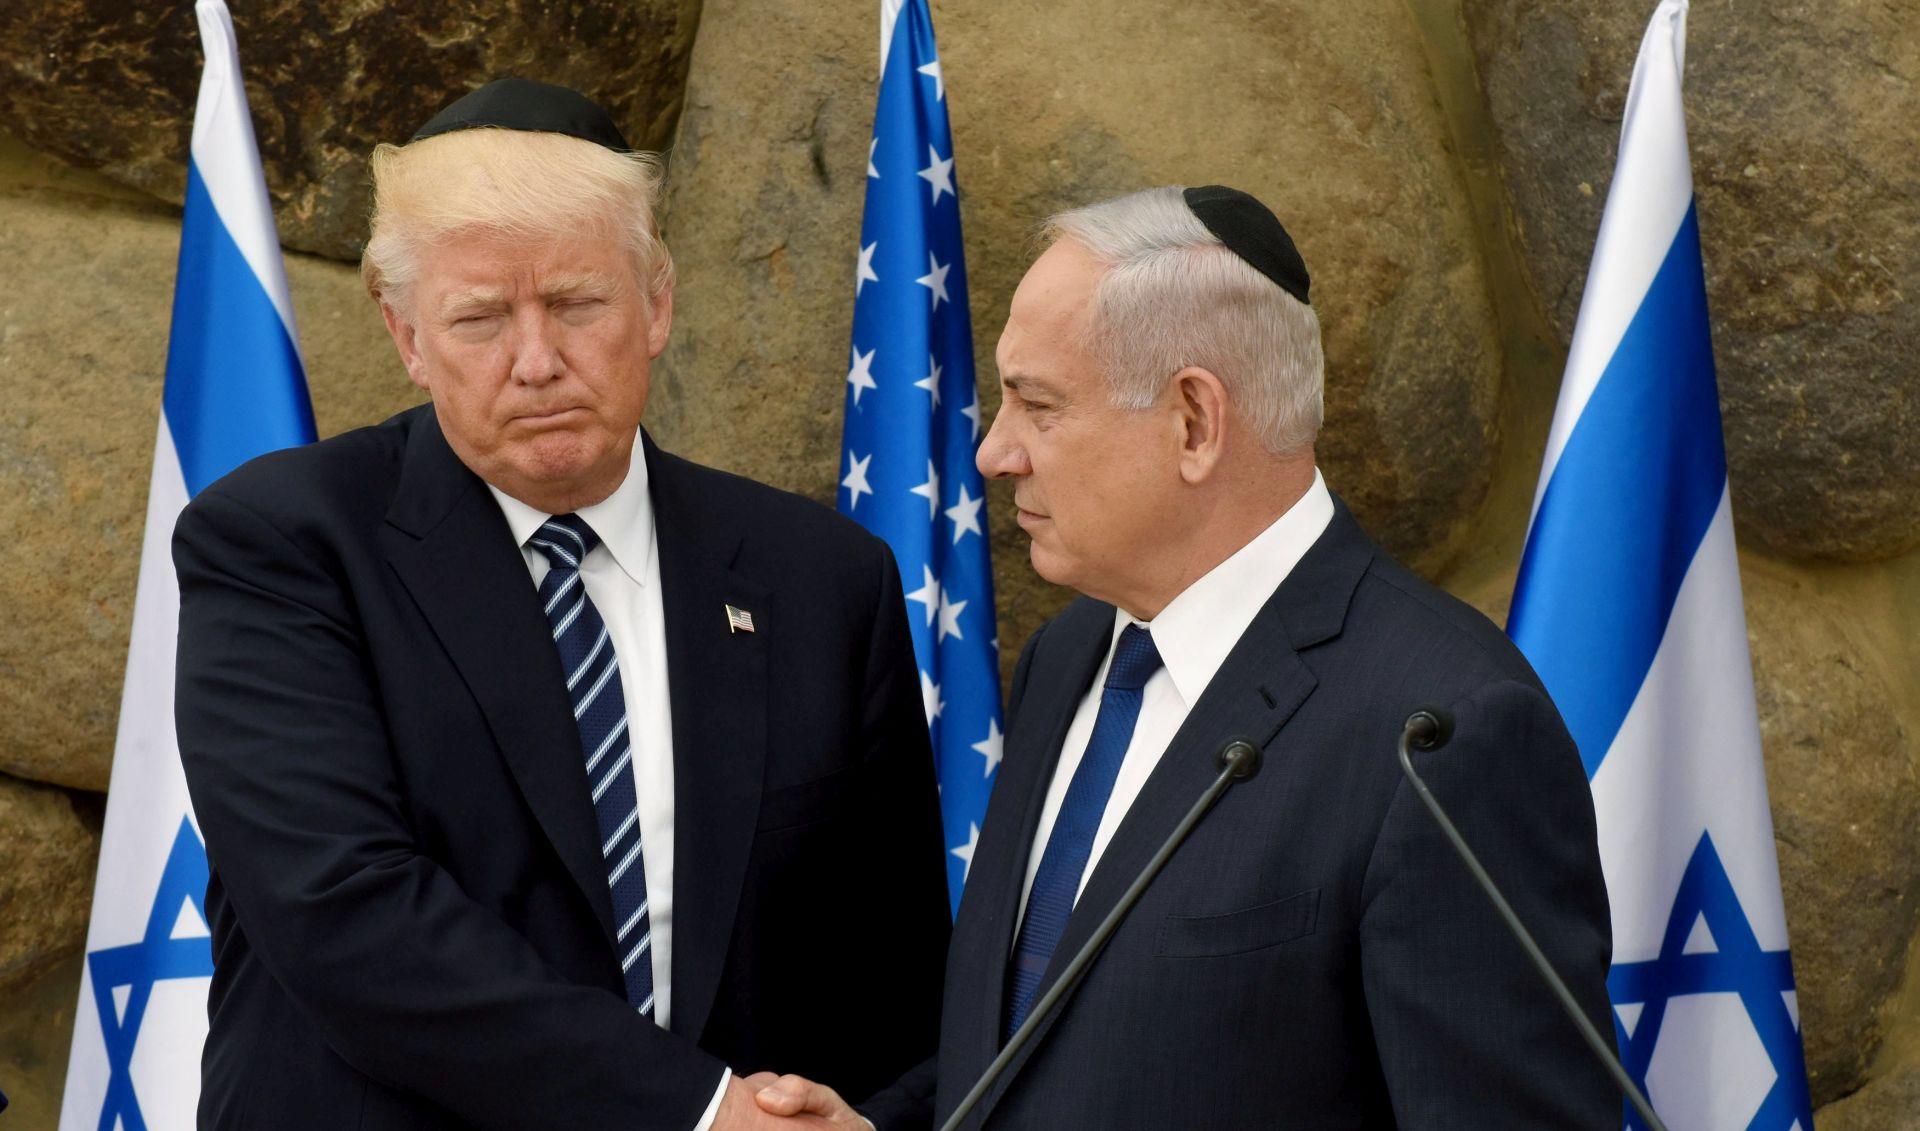 Netanyahu očekuje da će EU slijediti Trumpov primjer oko Jeruzalema